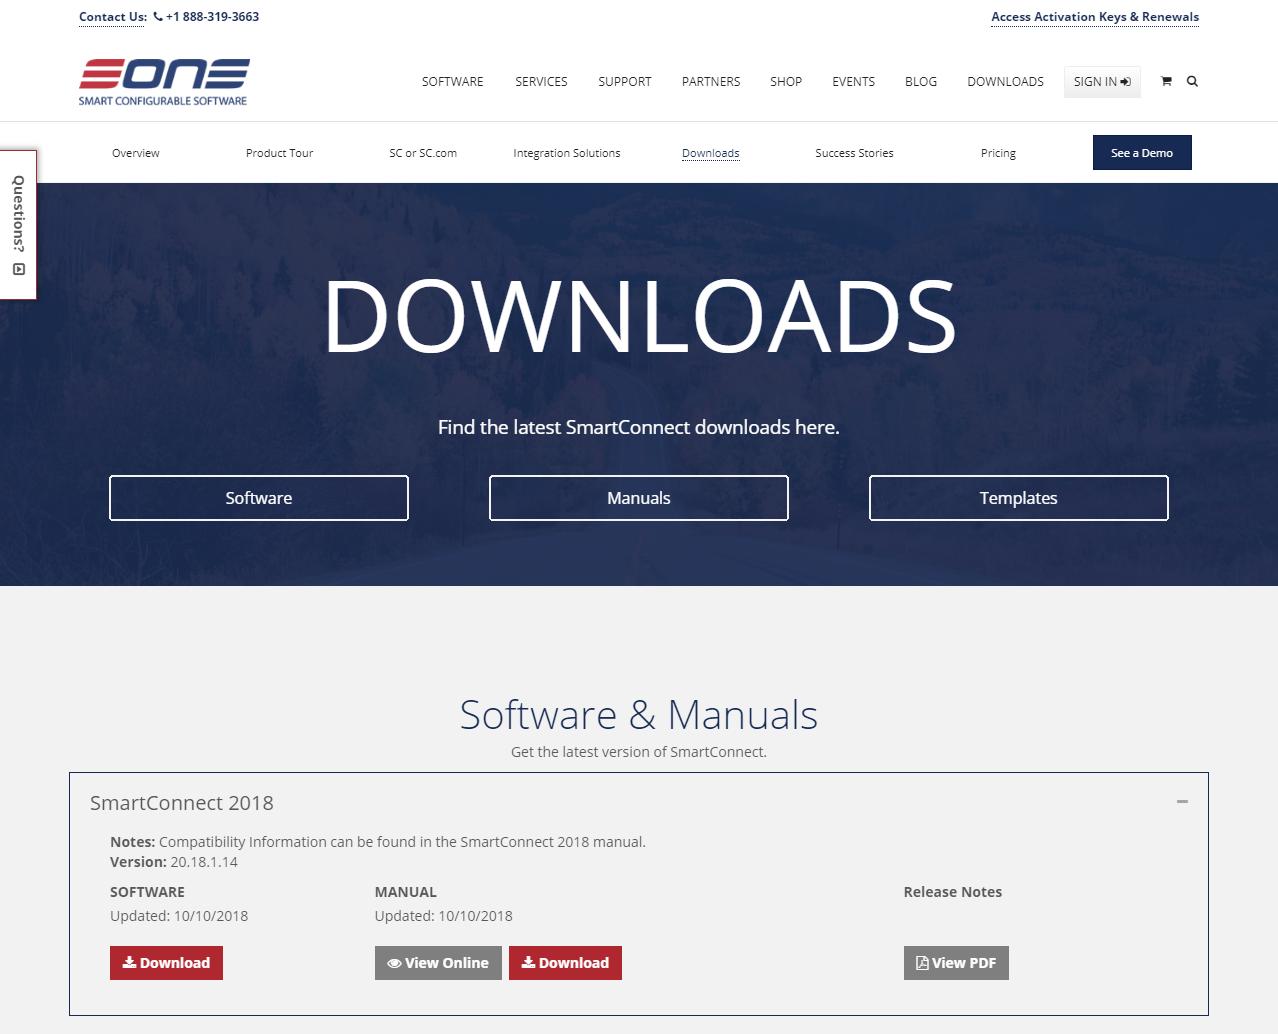 SmartConnect Downloads website